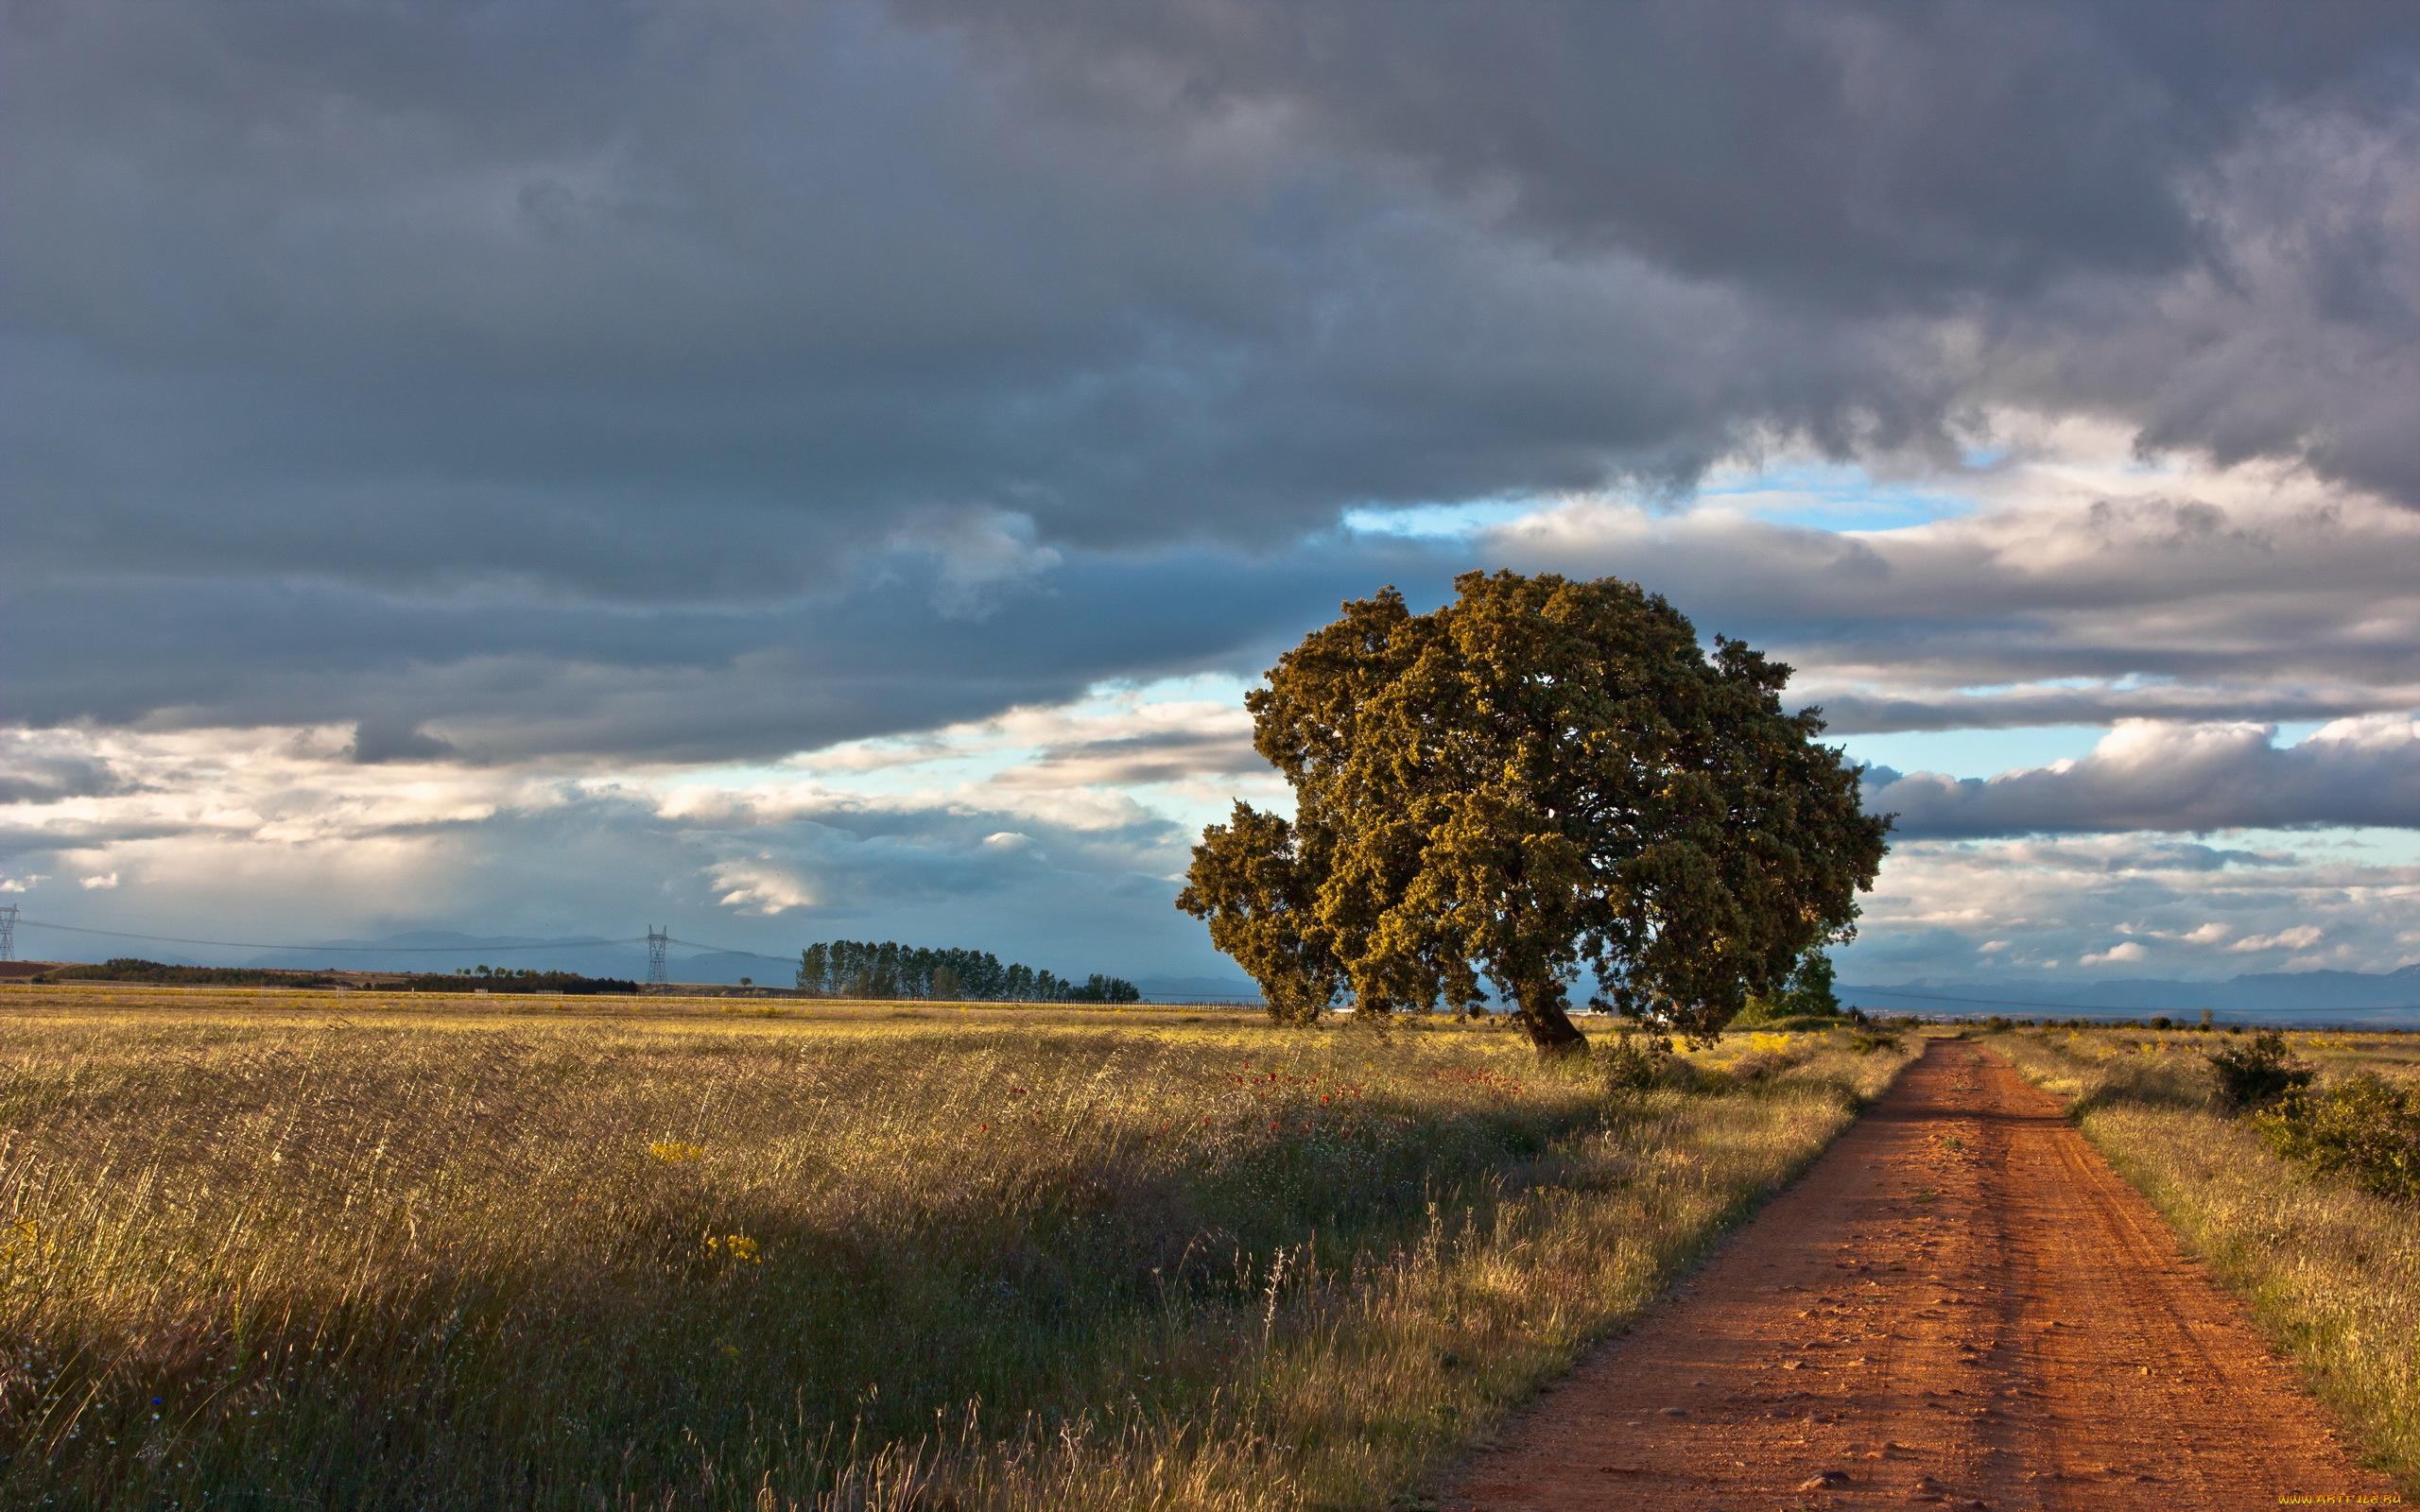 дерево дорога tree road  № 2404802 загрузить